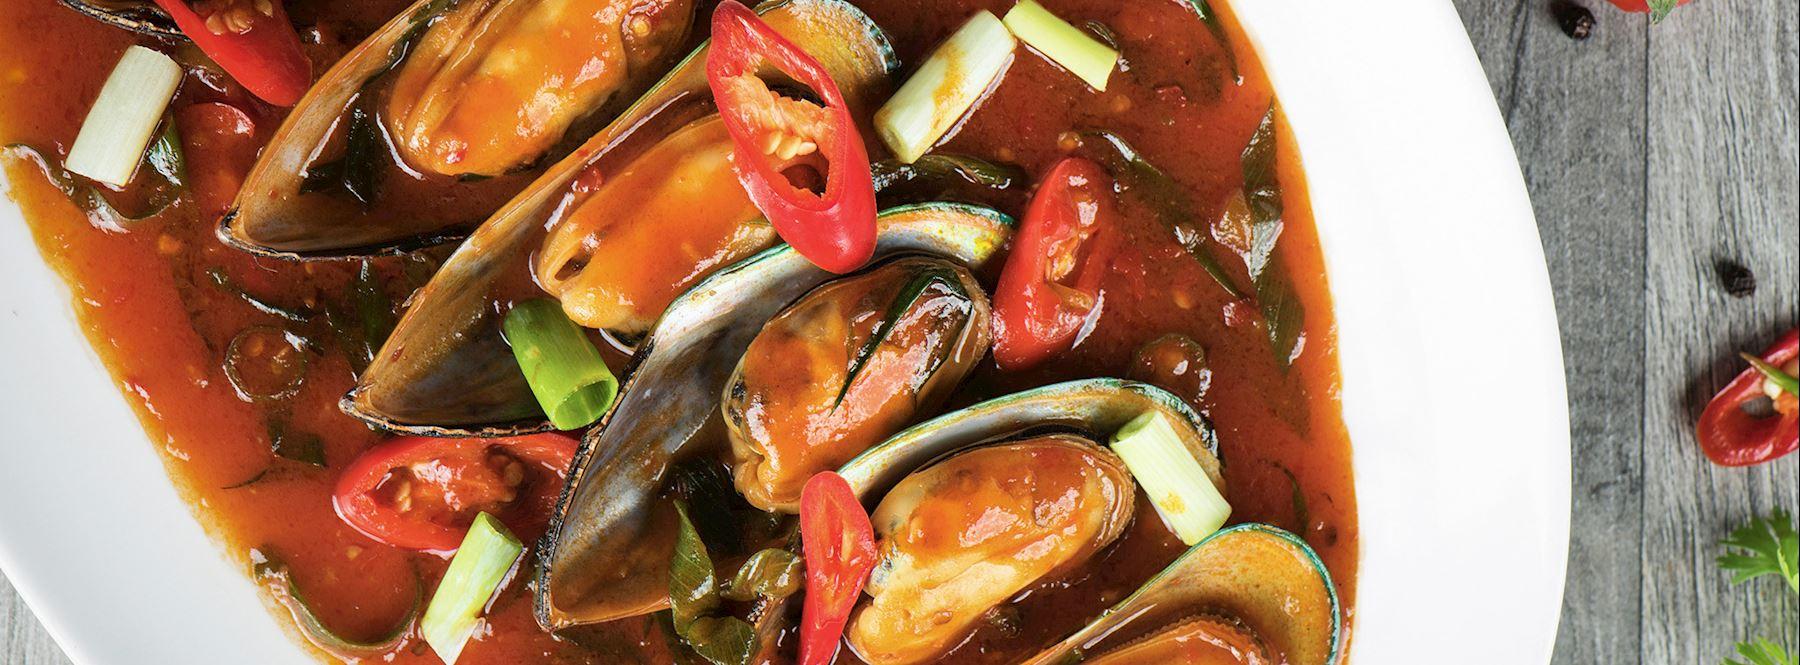 Seafood Market012